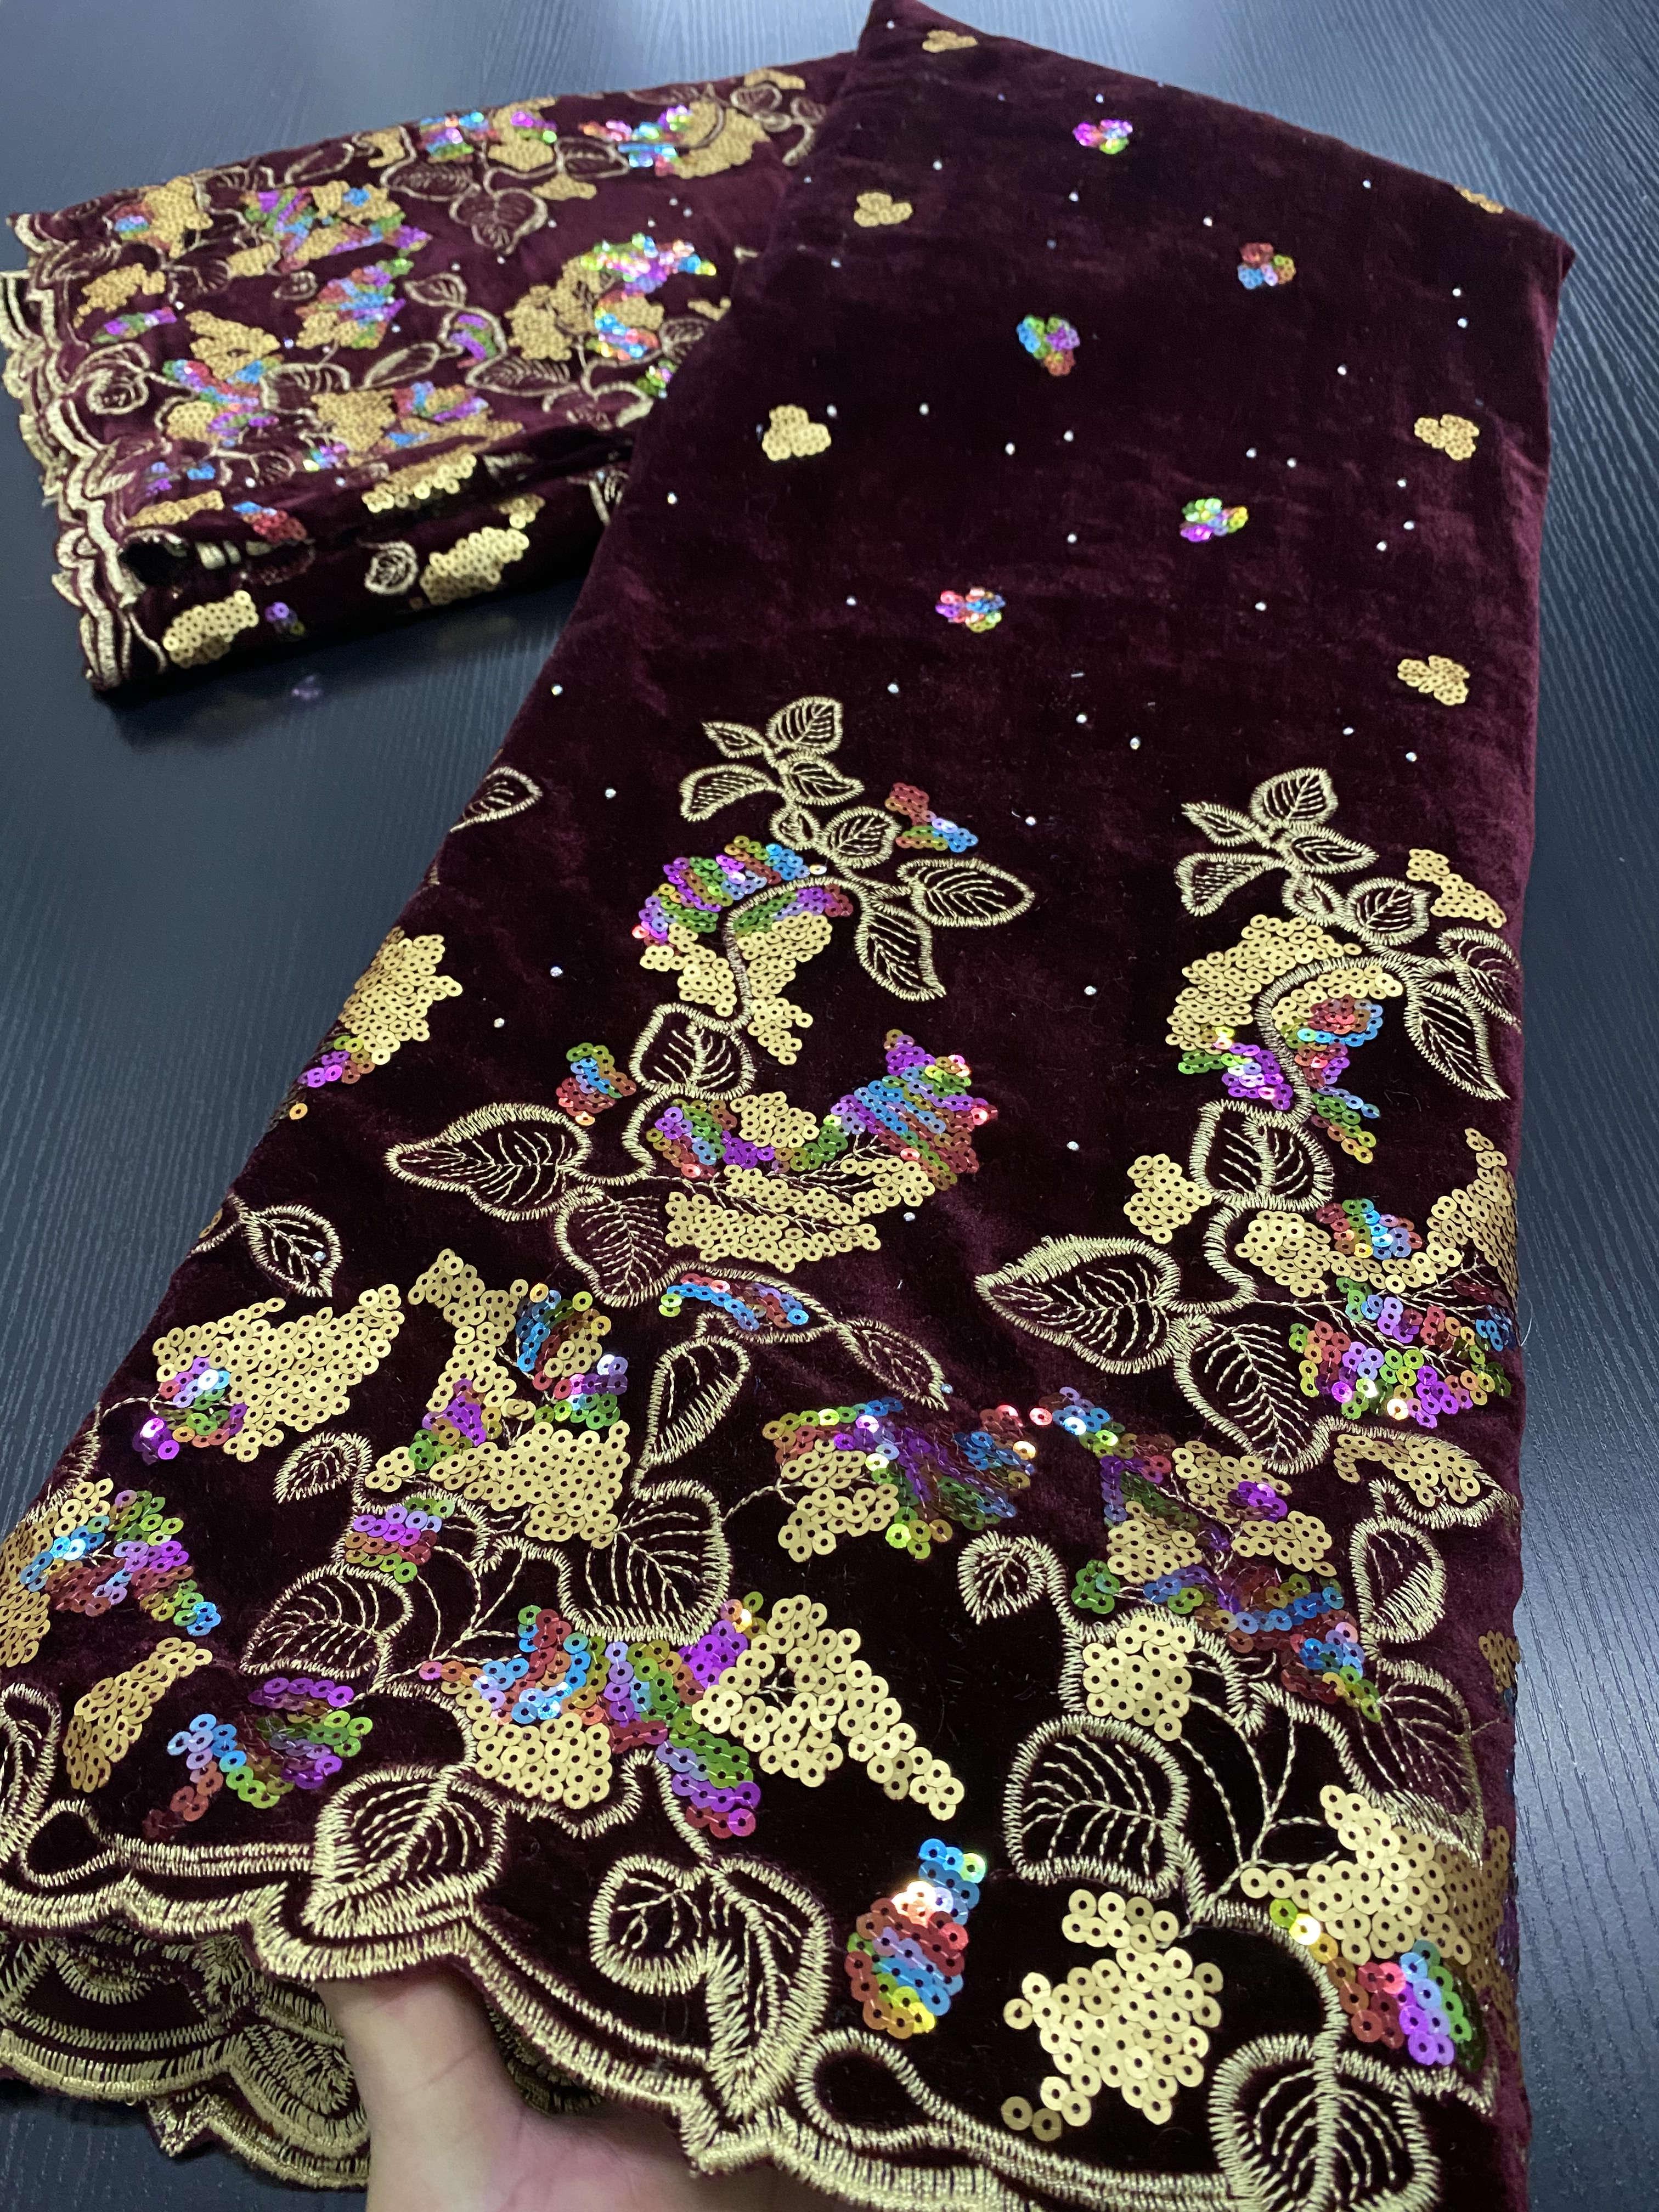 Nigeryjczyk aksamitne koronki tkaniny 2020 wysokiej jakości koronki afryki koronki tkaniny ślubne francuski koronki materiał do szycia sukni YA3386B-2